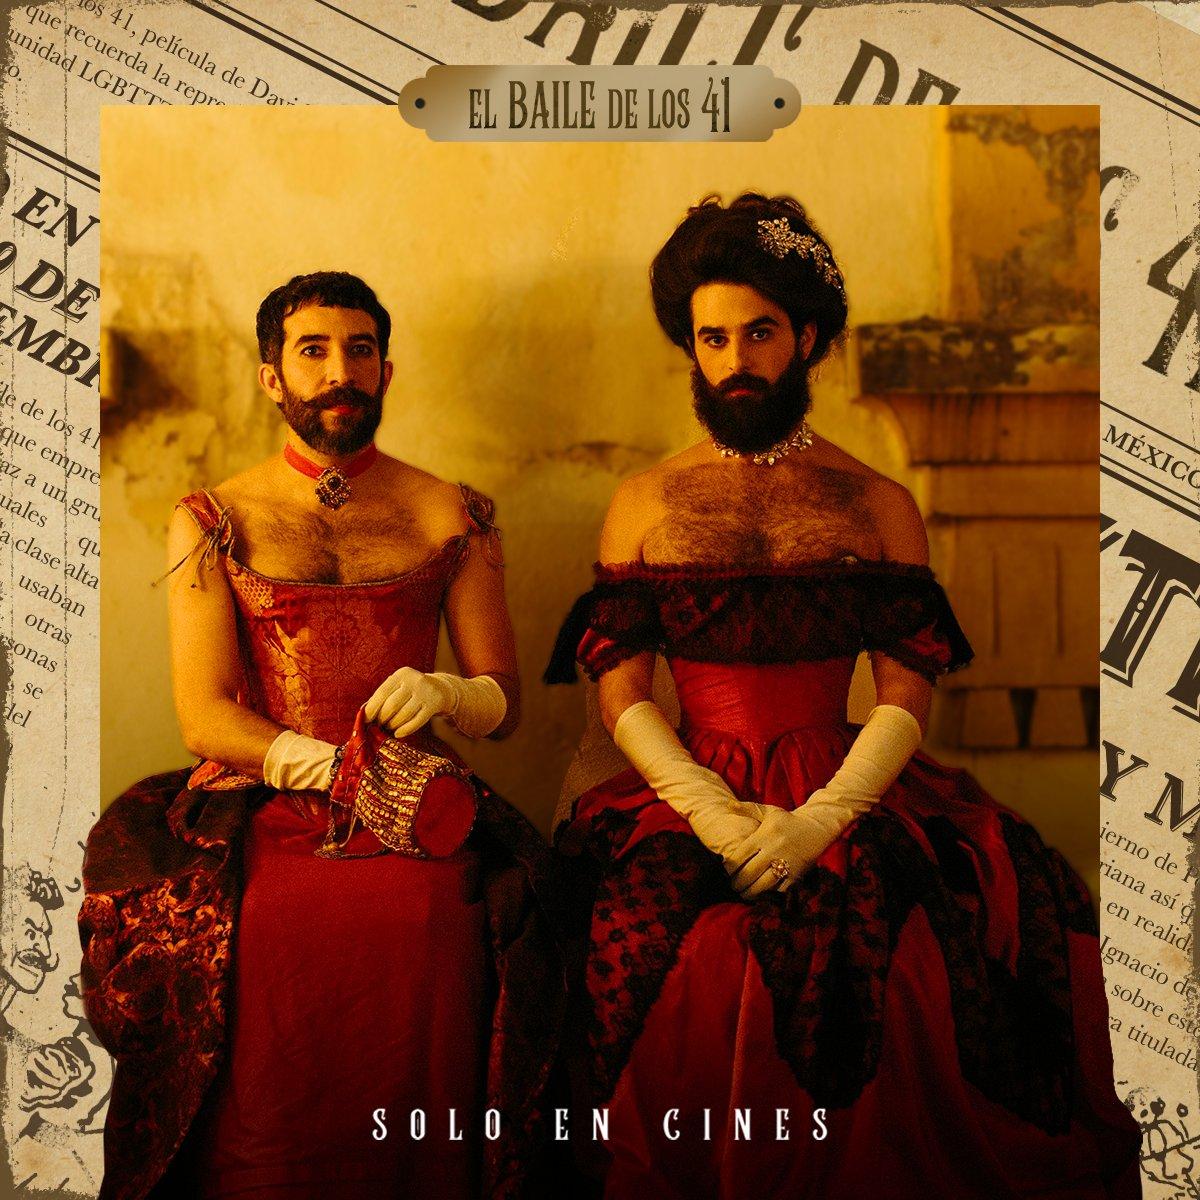 El Baile De Los 41 Elbailedelos41 Twitter